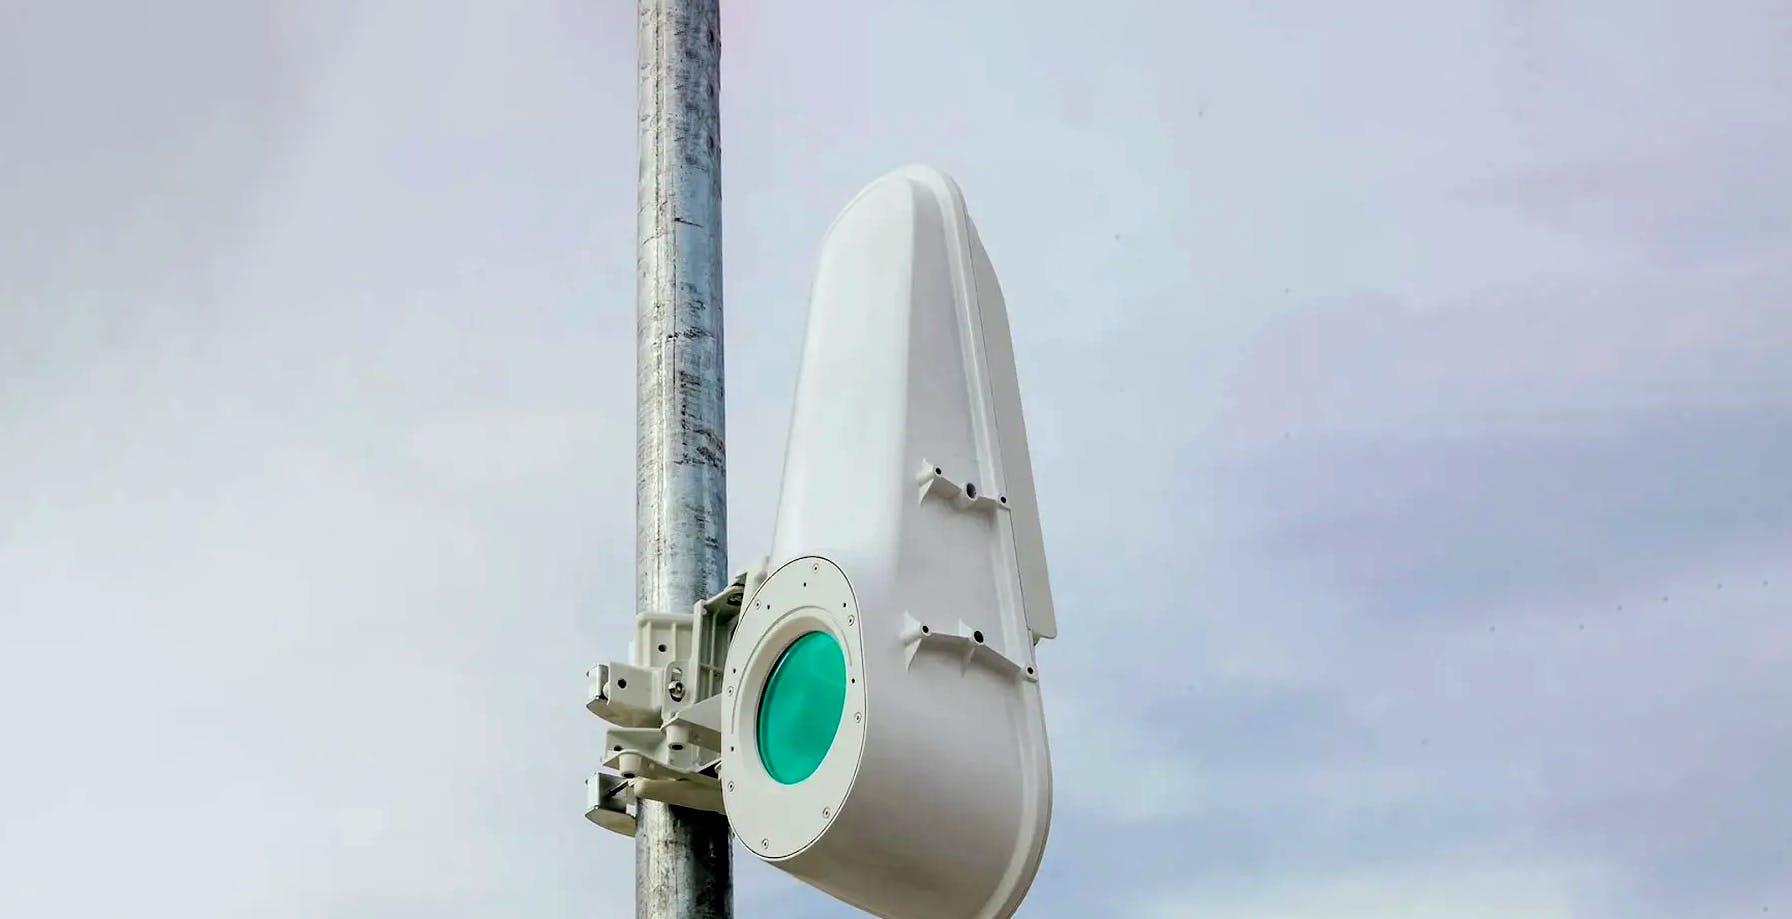 Fibra ottica senza fibra, il progetto Taara di Google X usa fasci di luce per evitare i cavi